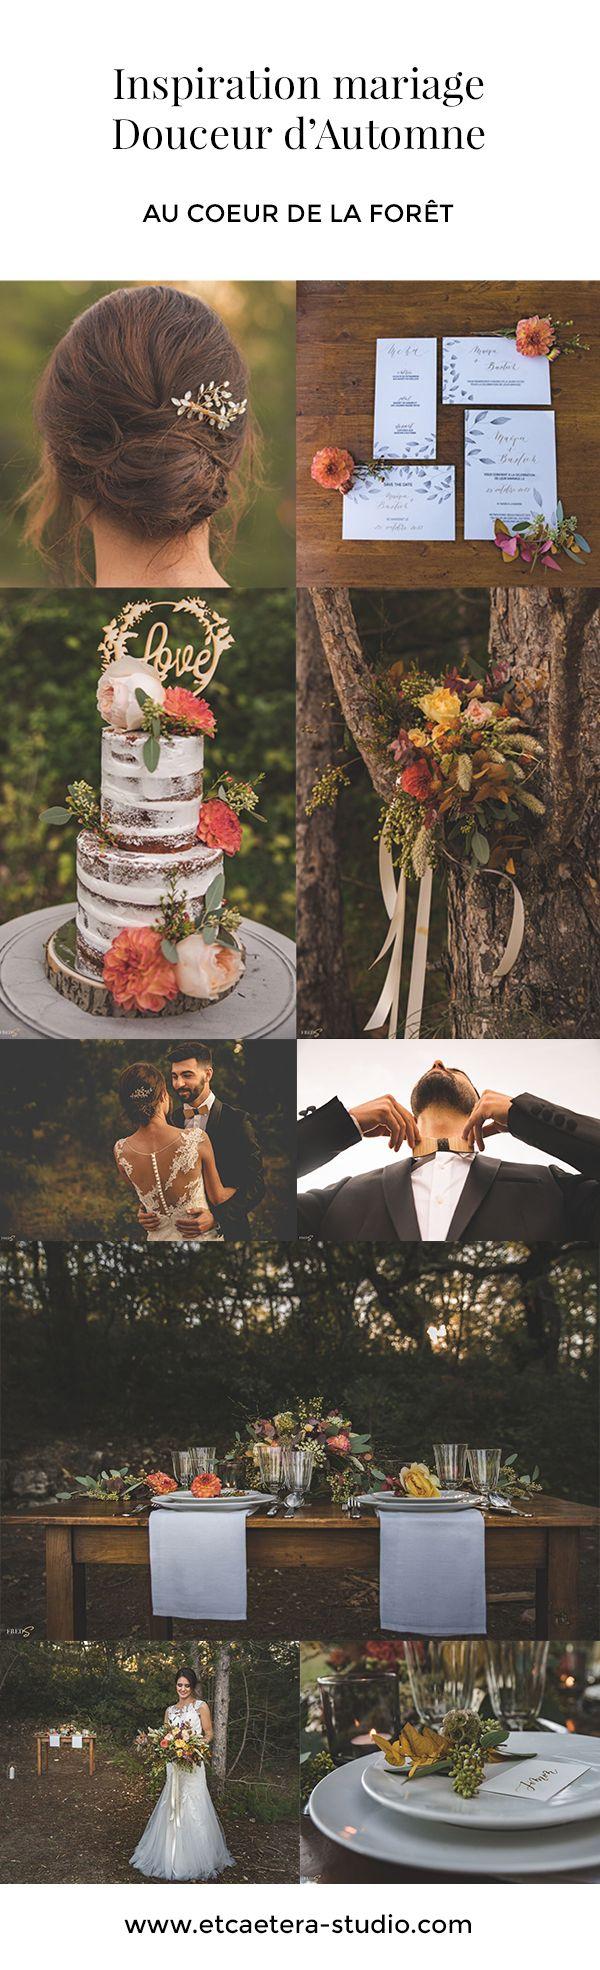 planche-inspiration-mariage-douceur-automne